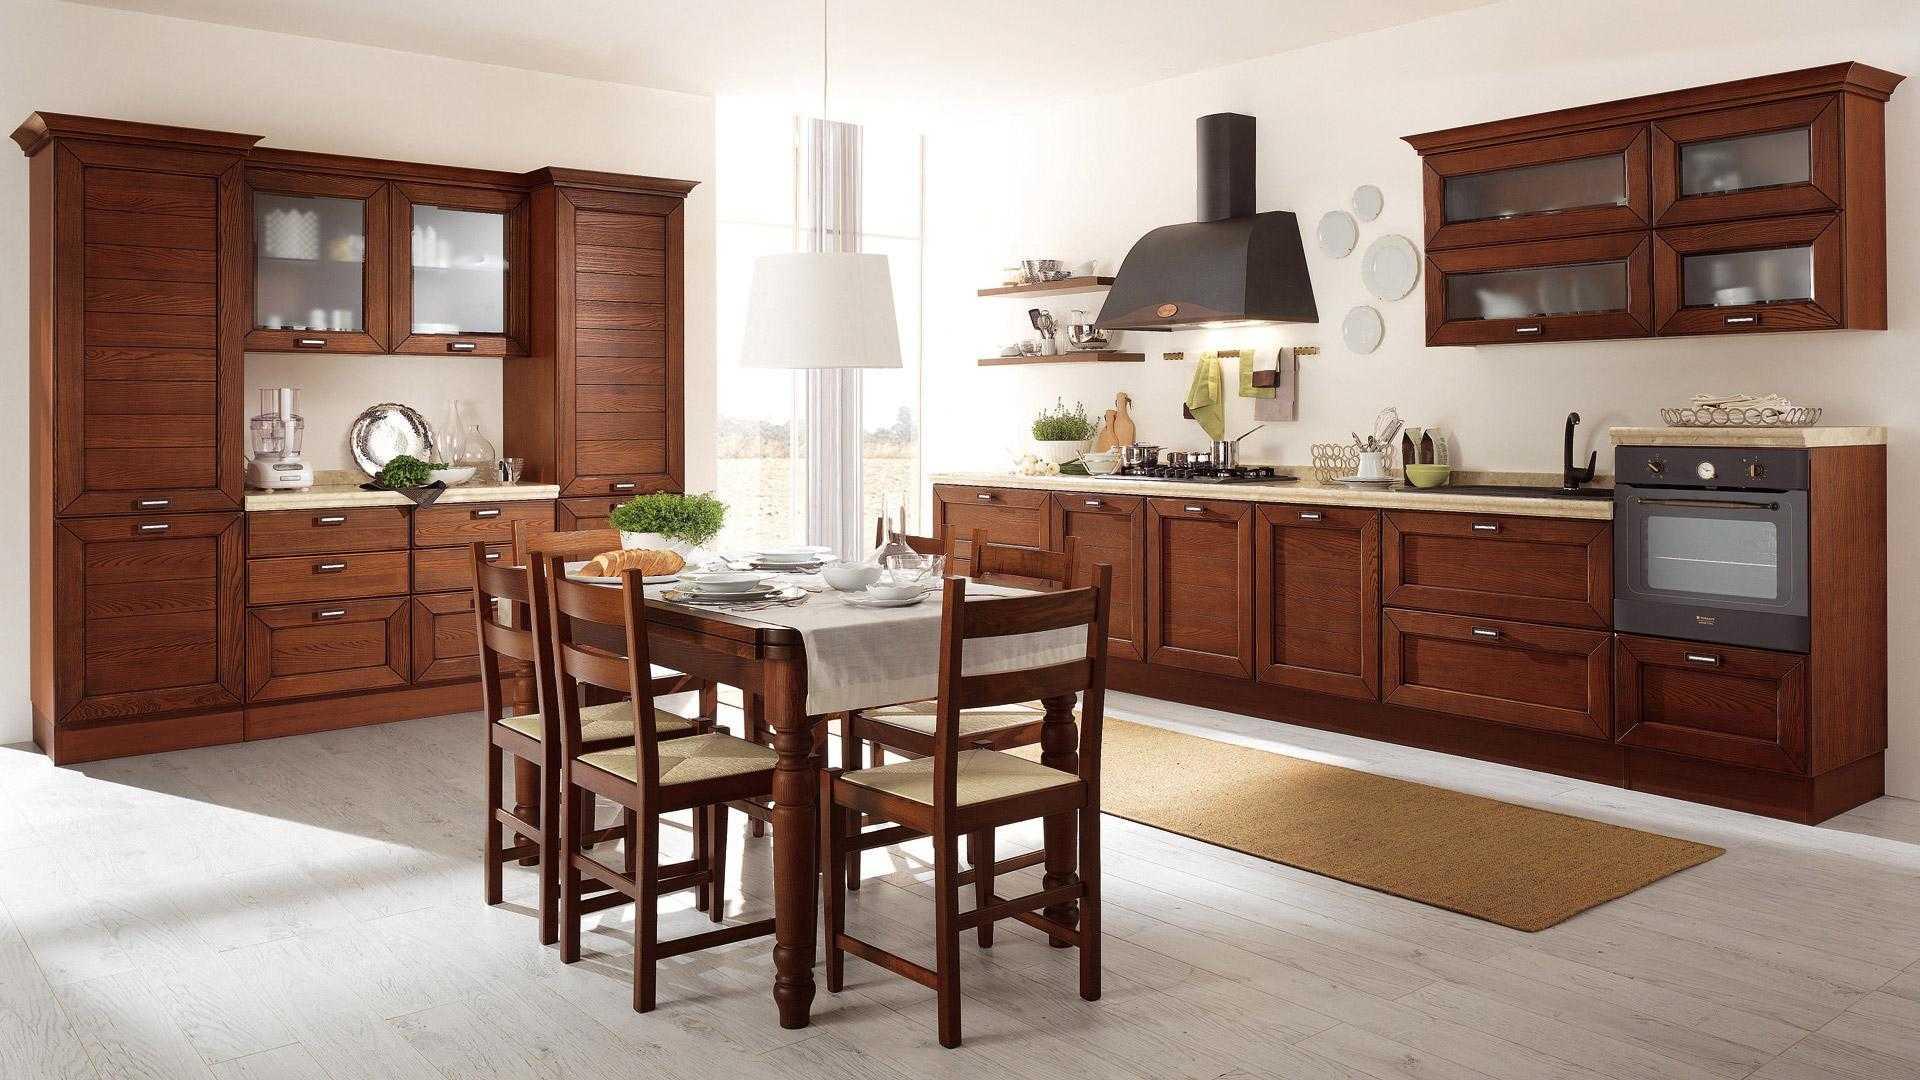 Rivenditori Cucine Lube A Roma scelzi arredamenti - rivenditore cucine lube